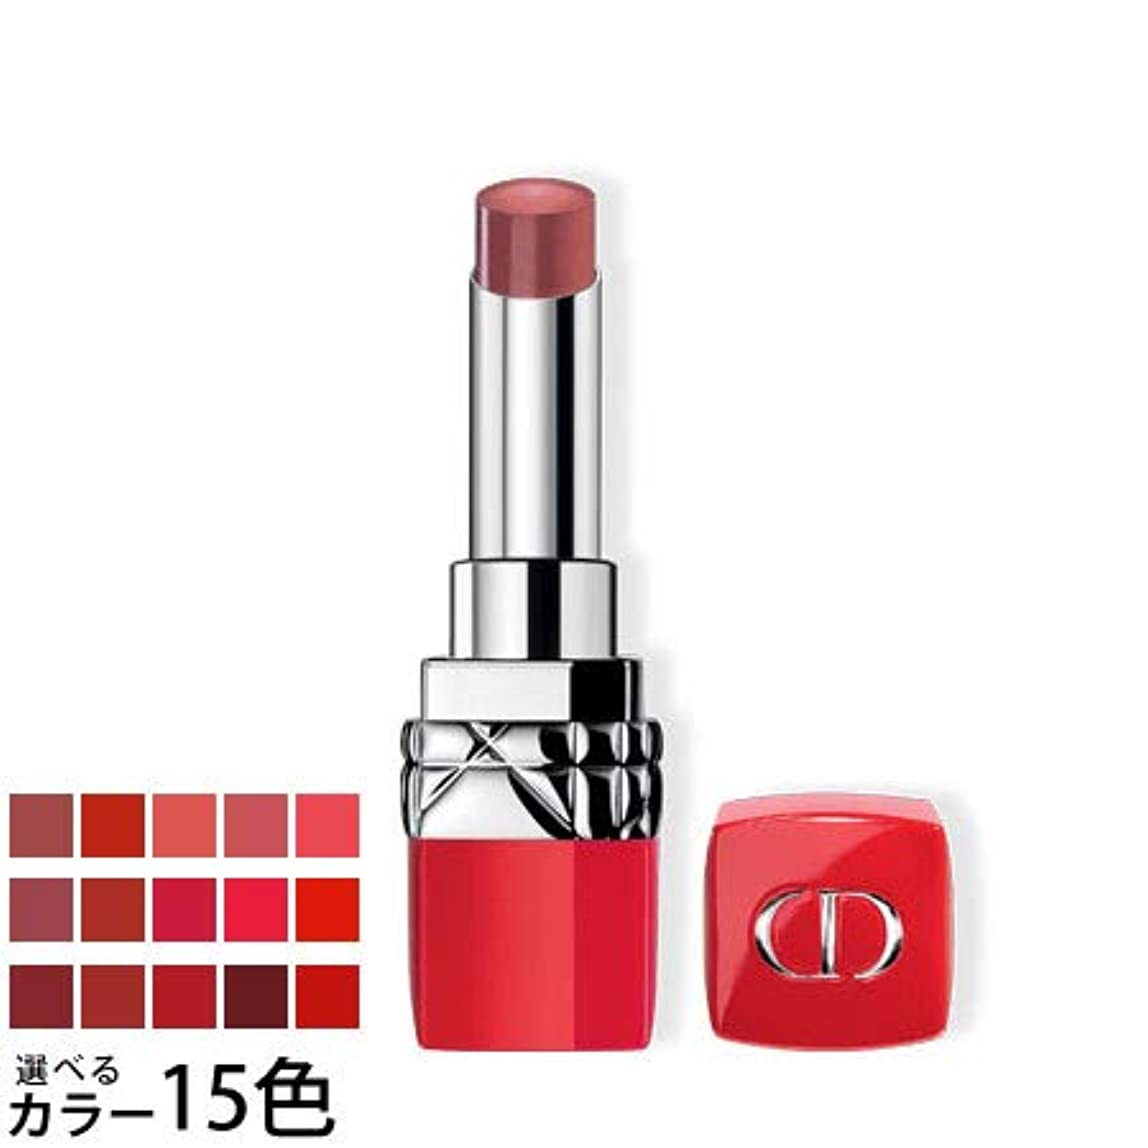 約束する優しいスキルディオール ルージュ ディオール ウルトラ ルージュ 選べる15色 -Dior- 851